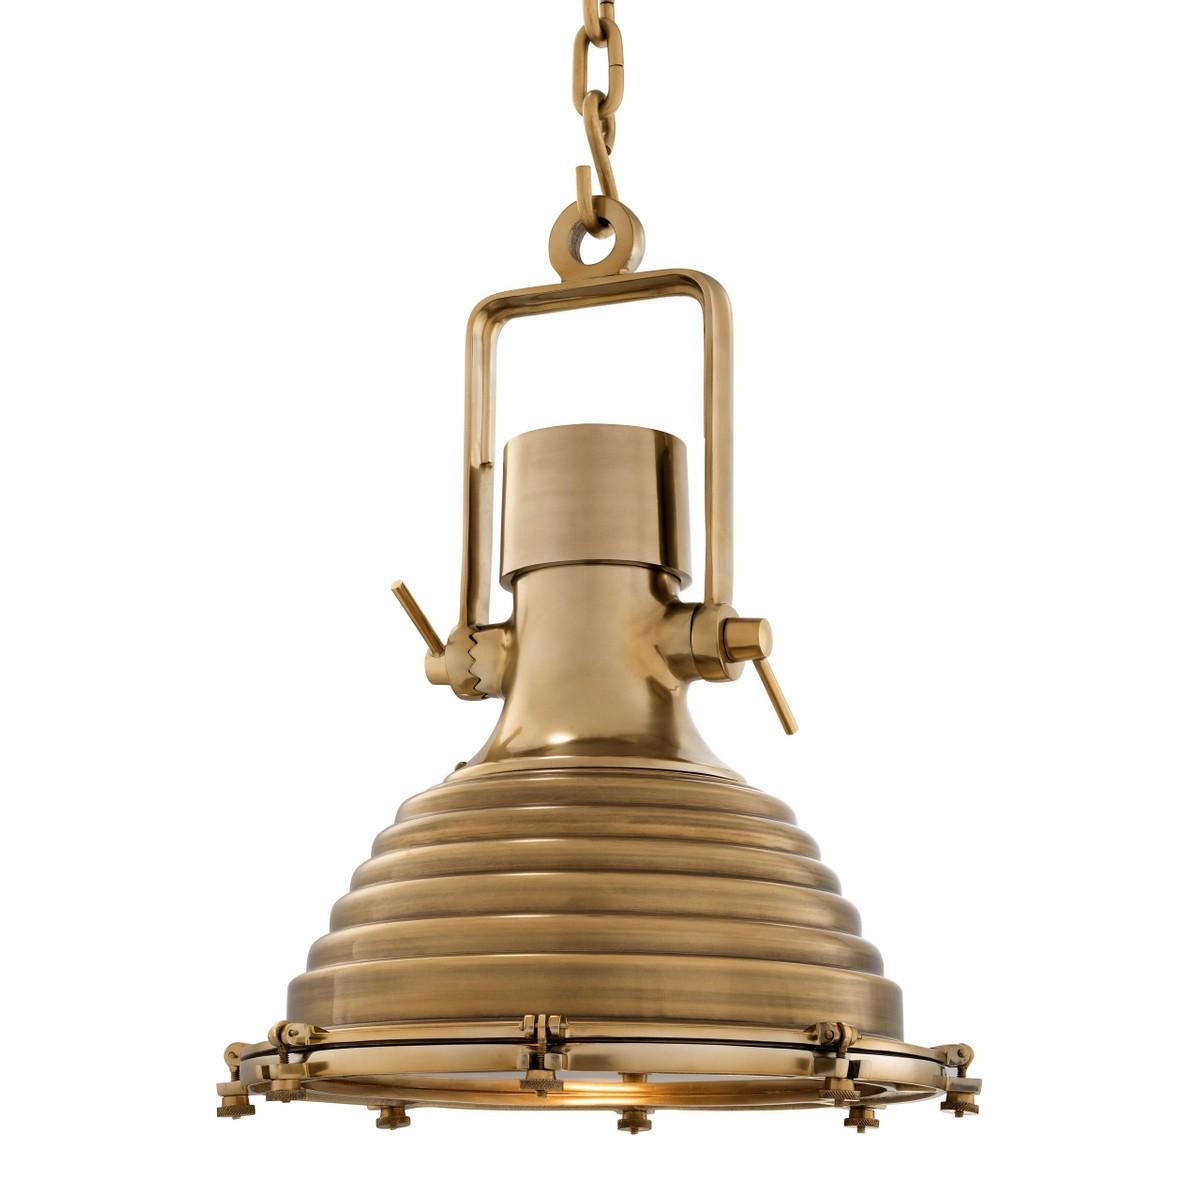 Full Size of Deckenlampe Industrial 5e3cea48e9284 Schlafzimmer Küche Wohnzimmer Deckenlampen Für Esstisch Modern Bad Wohnzimmer Deckenlampe Industrial